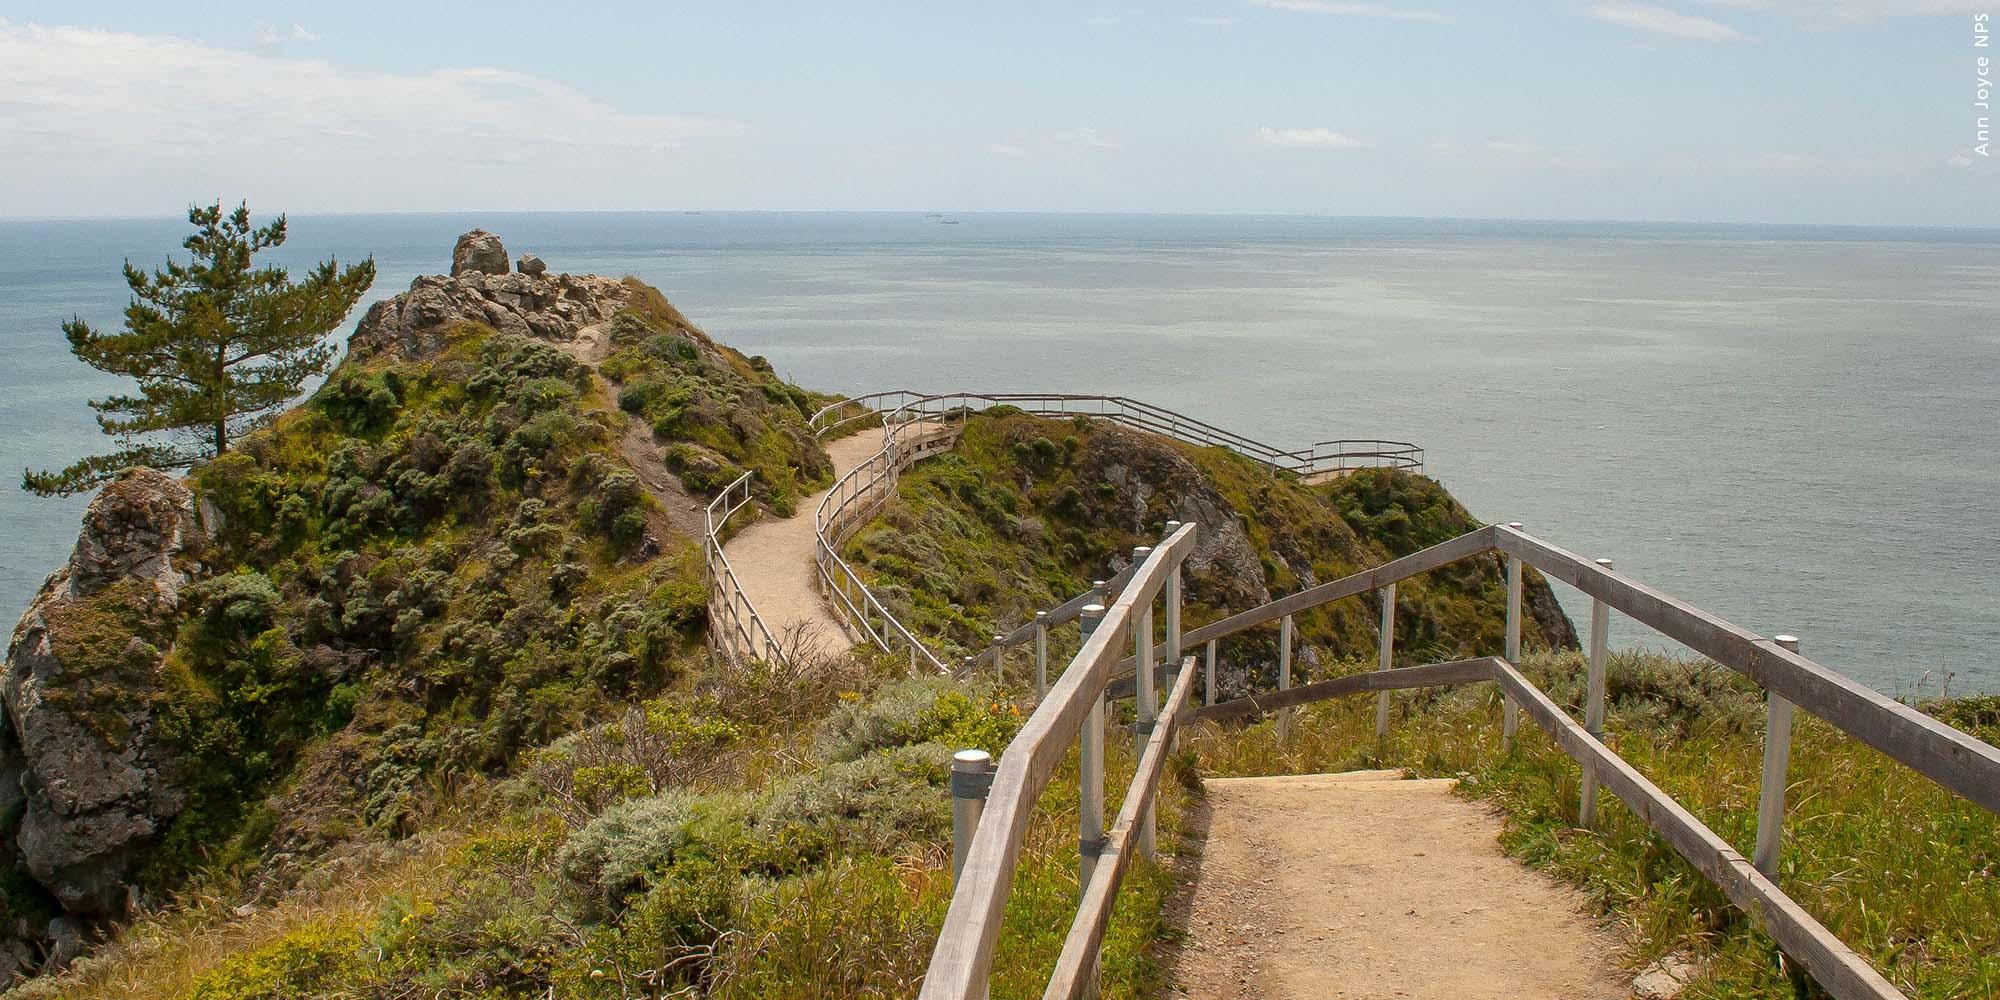 Muir Beach Overlook Golden Gate National Recreation Area U S Park Service